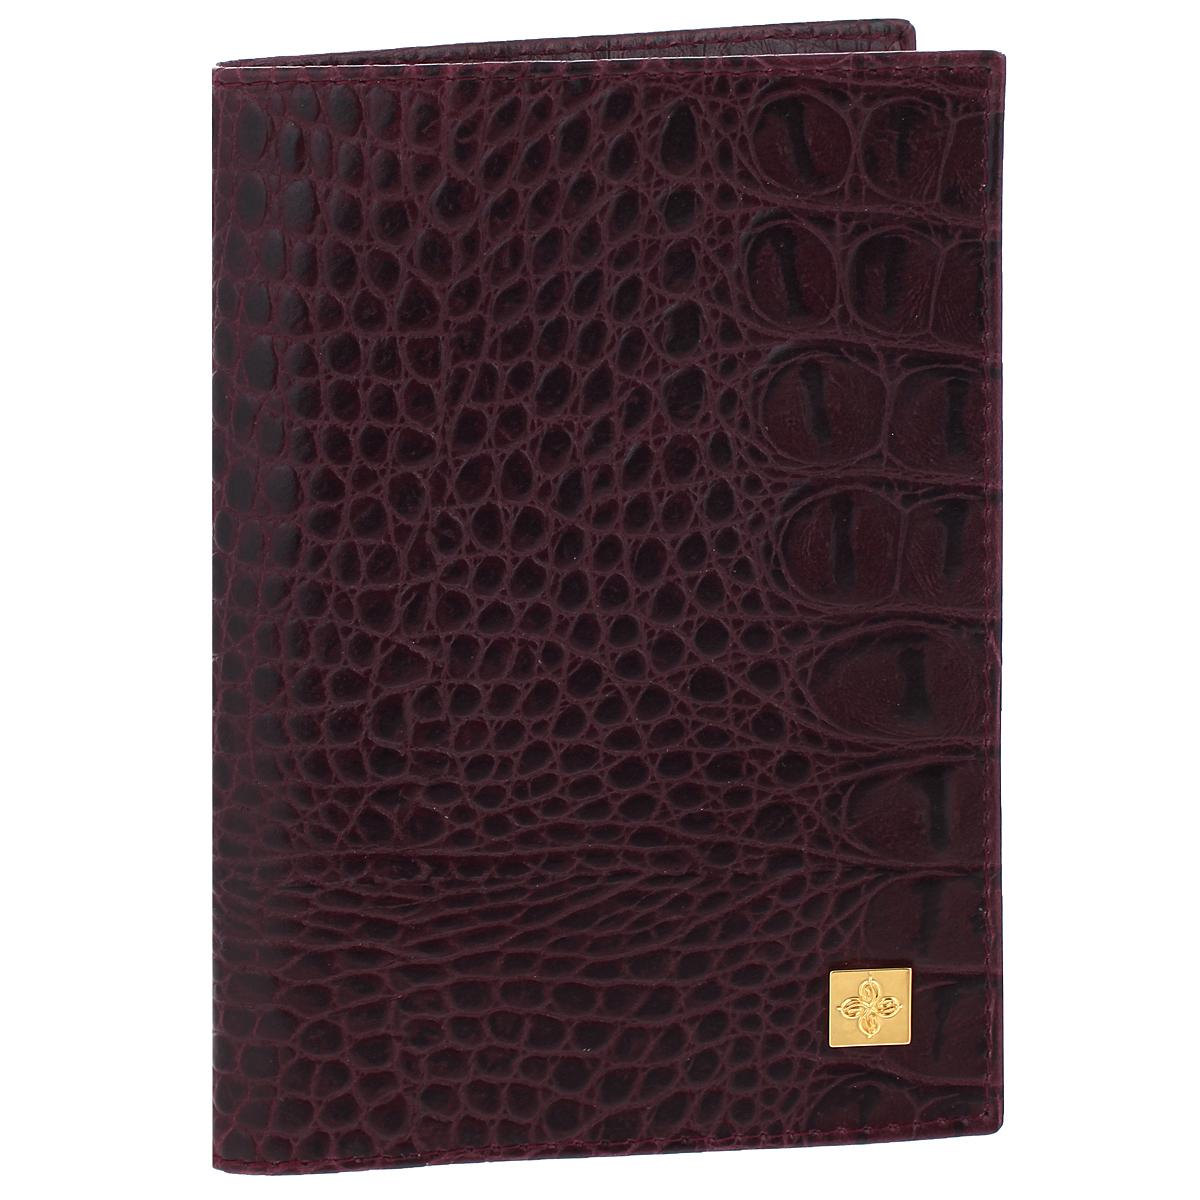 """Обложка для паспорта женская Dimanche Sangria, цвет: бордовый. 710BP-001 BKСтильная обложка Sangria выполнена из натуральной кожи с фактурным тиснением """"под крокодила"""". На внутреннем развороте расположено два вертикальных кармана из прозрачного пластика. Такая обложка не только поможет сохранить внешний вид ваших документов и защитит их от повреждений, но и станет ярким аксессуаром, который подчеркнет ваш образ. Обложка упакована в подарочную картонную коробку с логотипом фирмы. Характеристики:Материал: натуральная кожа, ПВХ. Размер обложки: 9,5 см х 13,5 см х 1,5 см. Цвет: бордовый."""